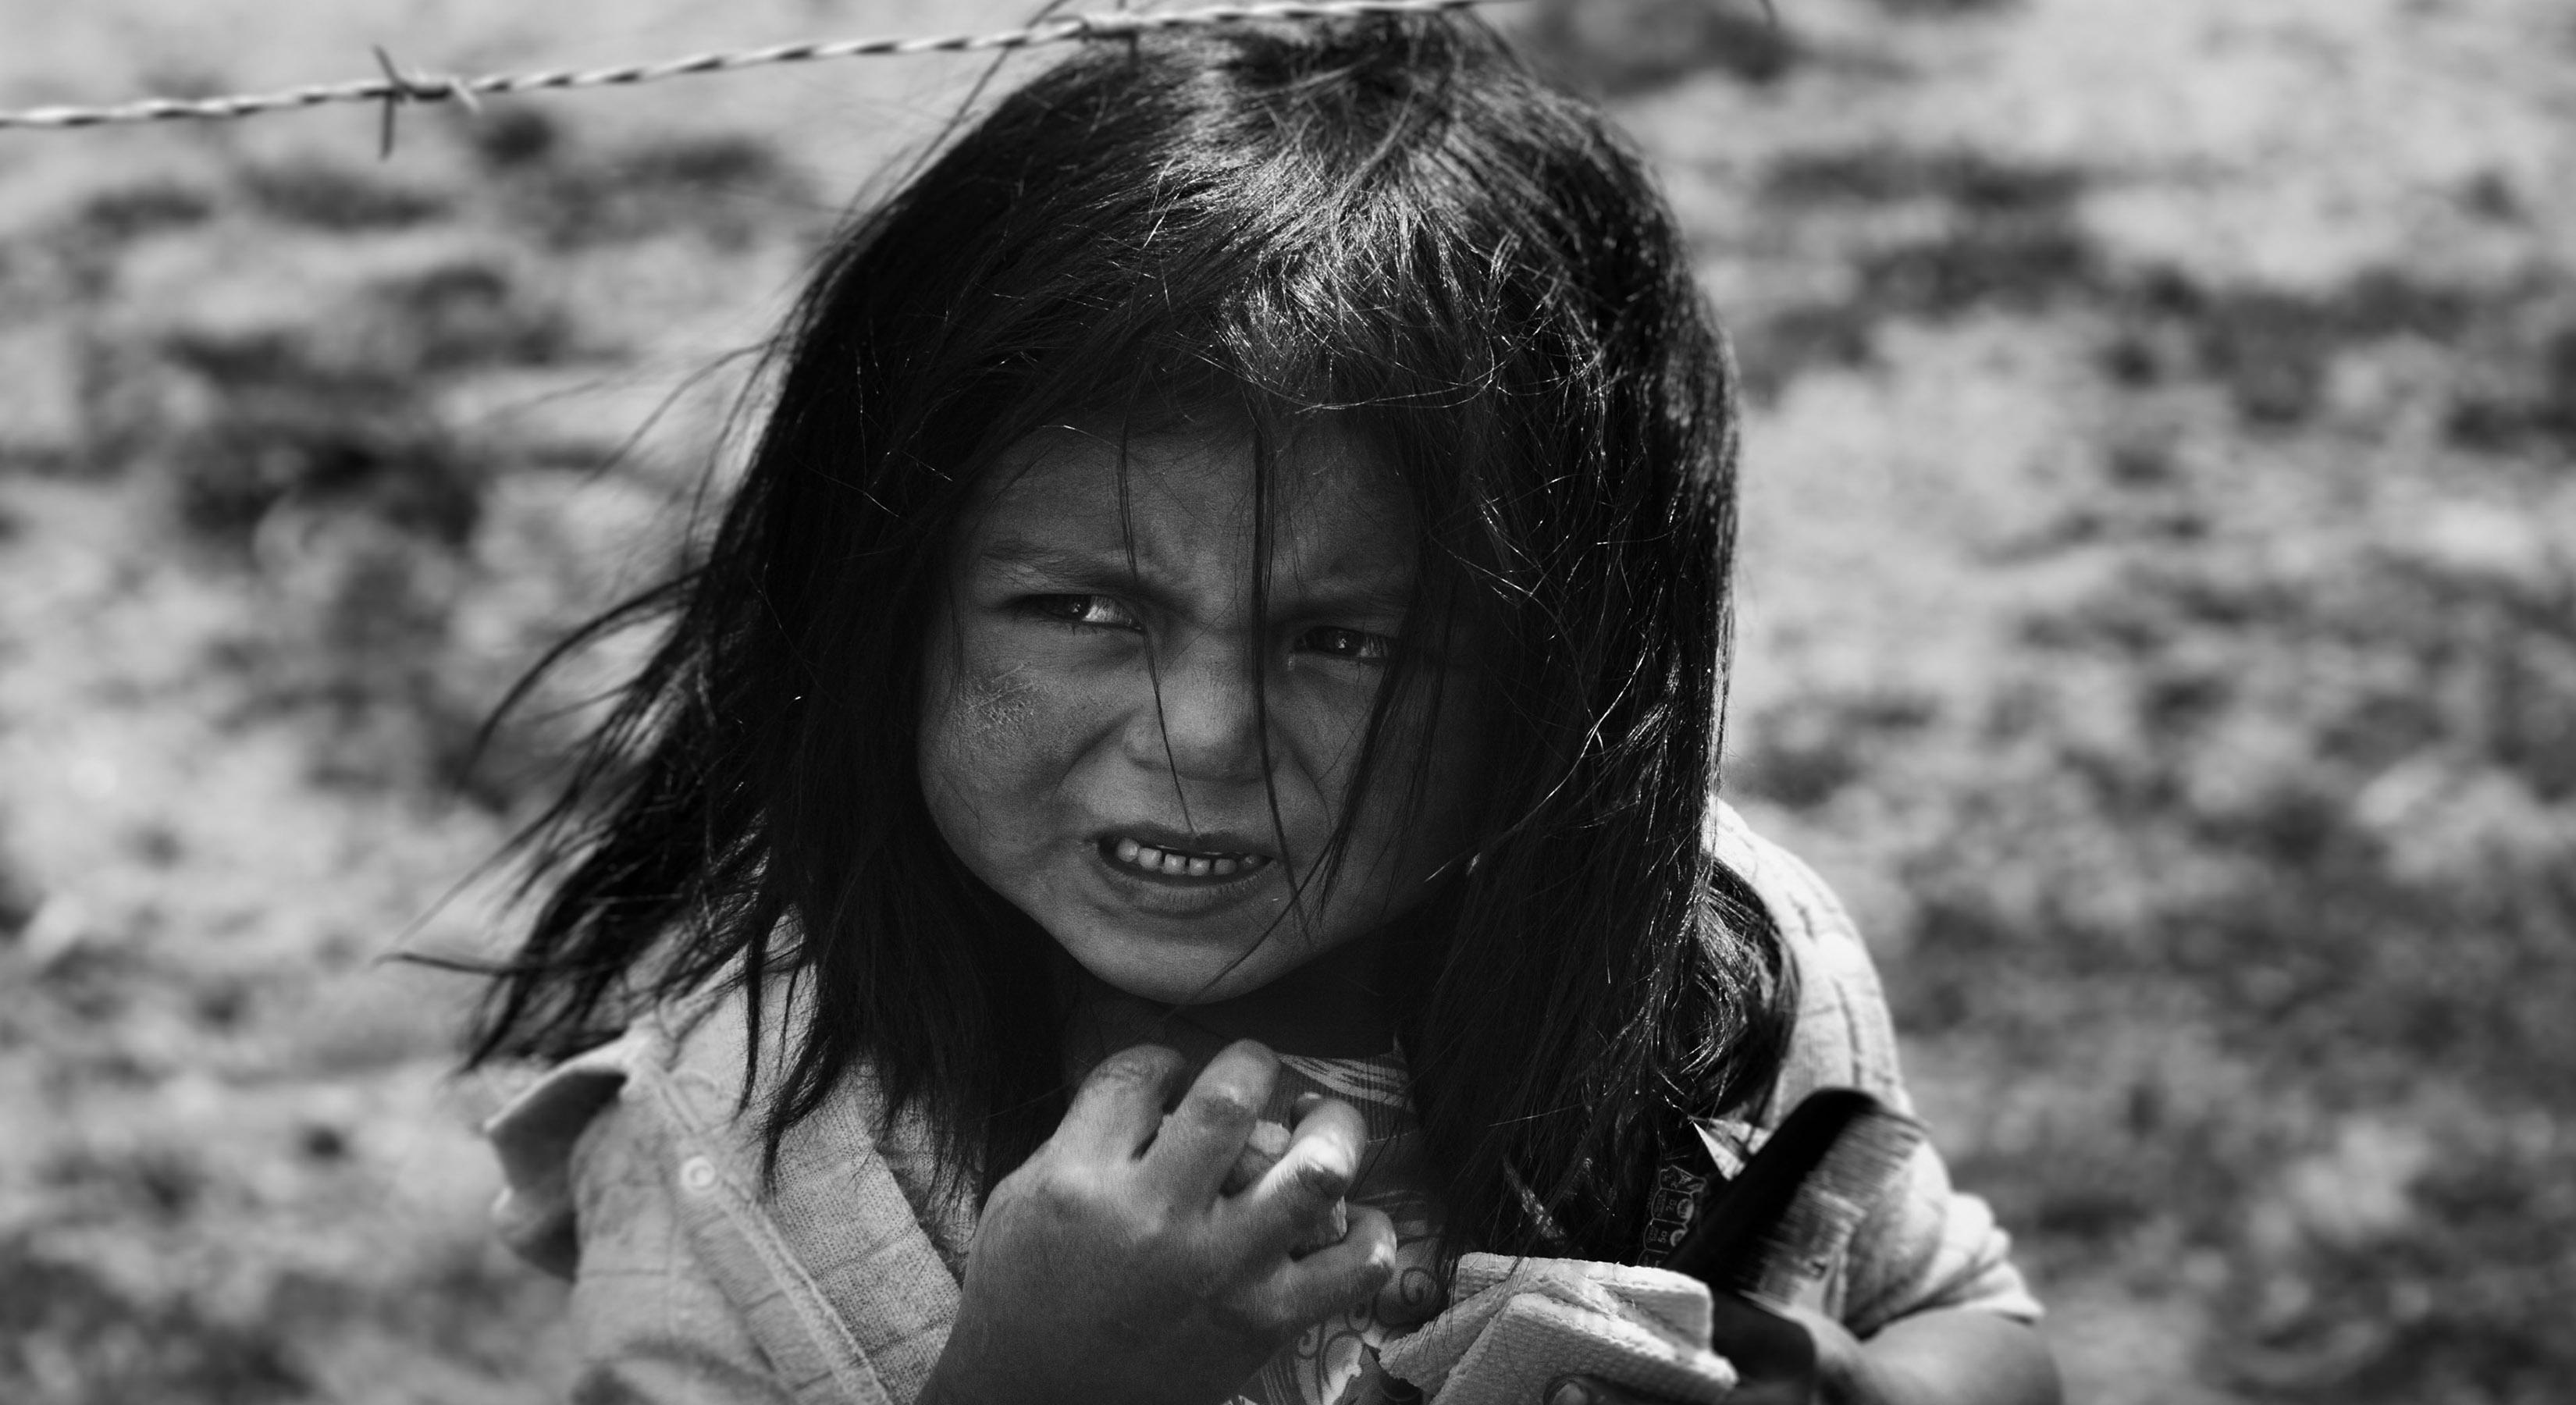 ¿Por qué migran los menores? Consecuencias negativas de las migración